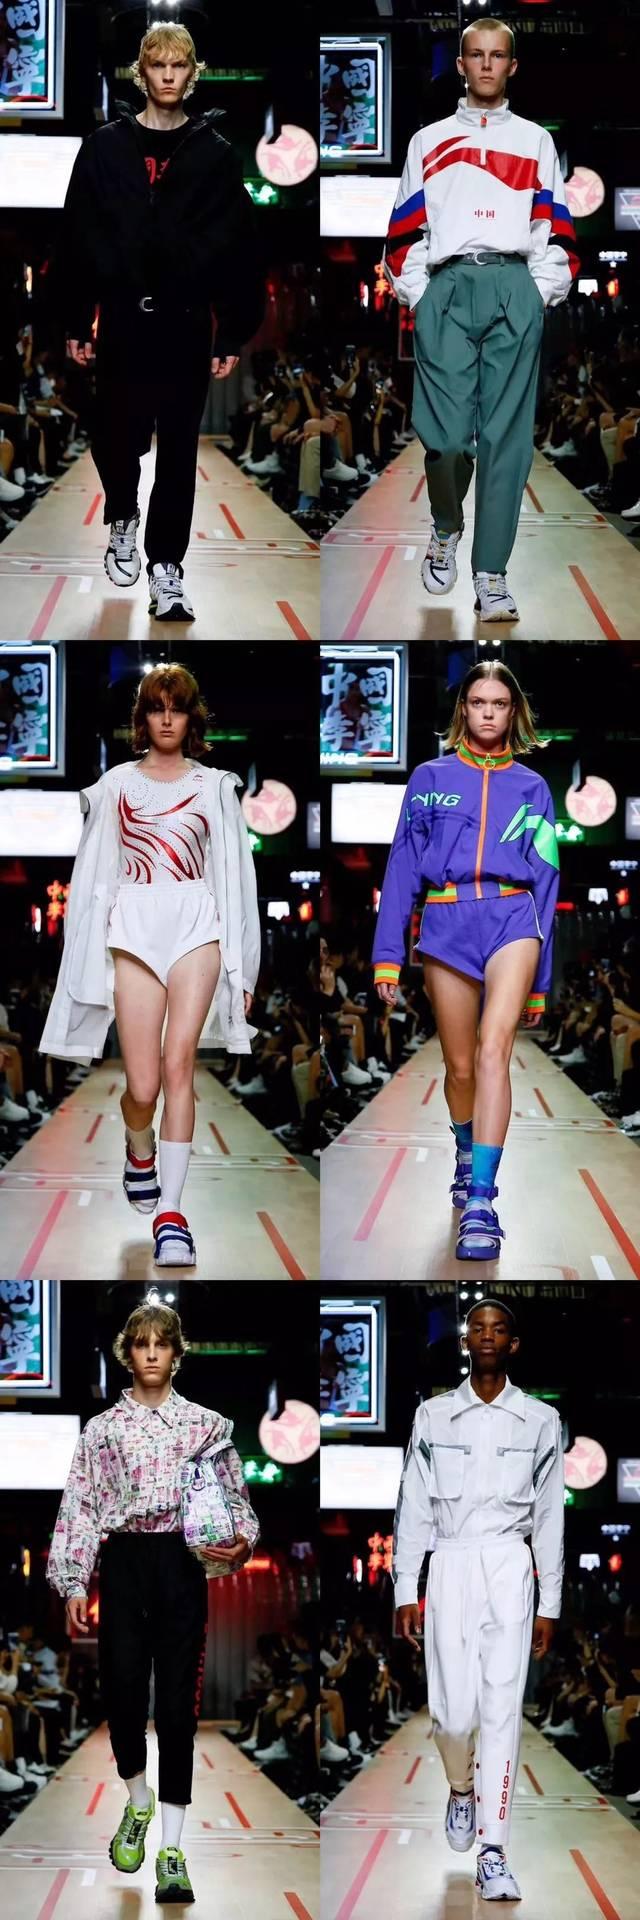 中国李宁:不止是时装周那么简单